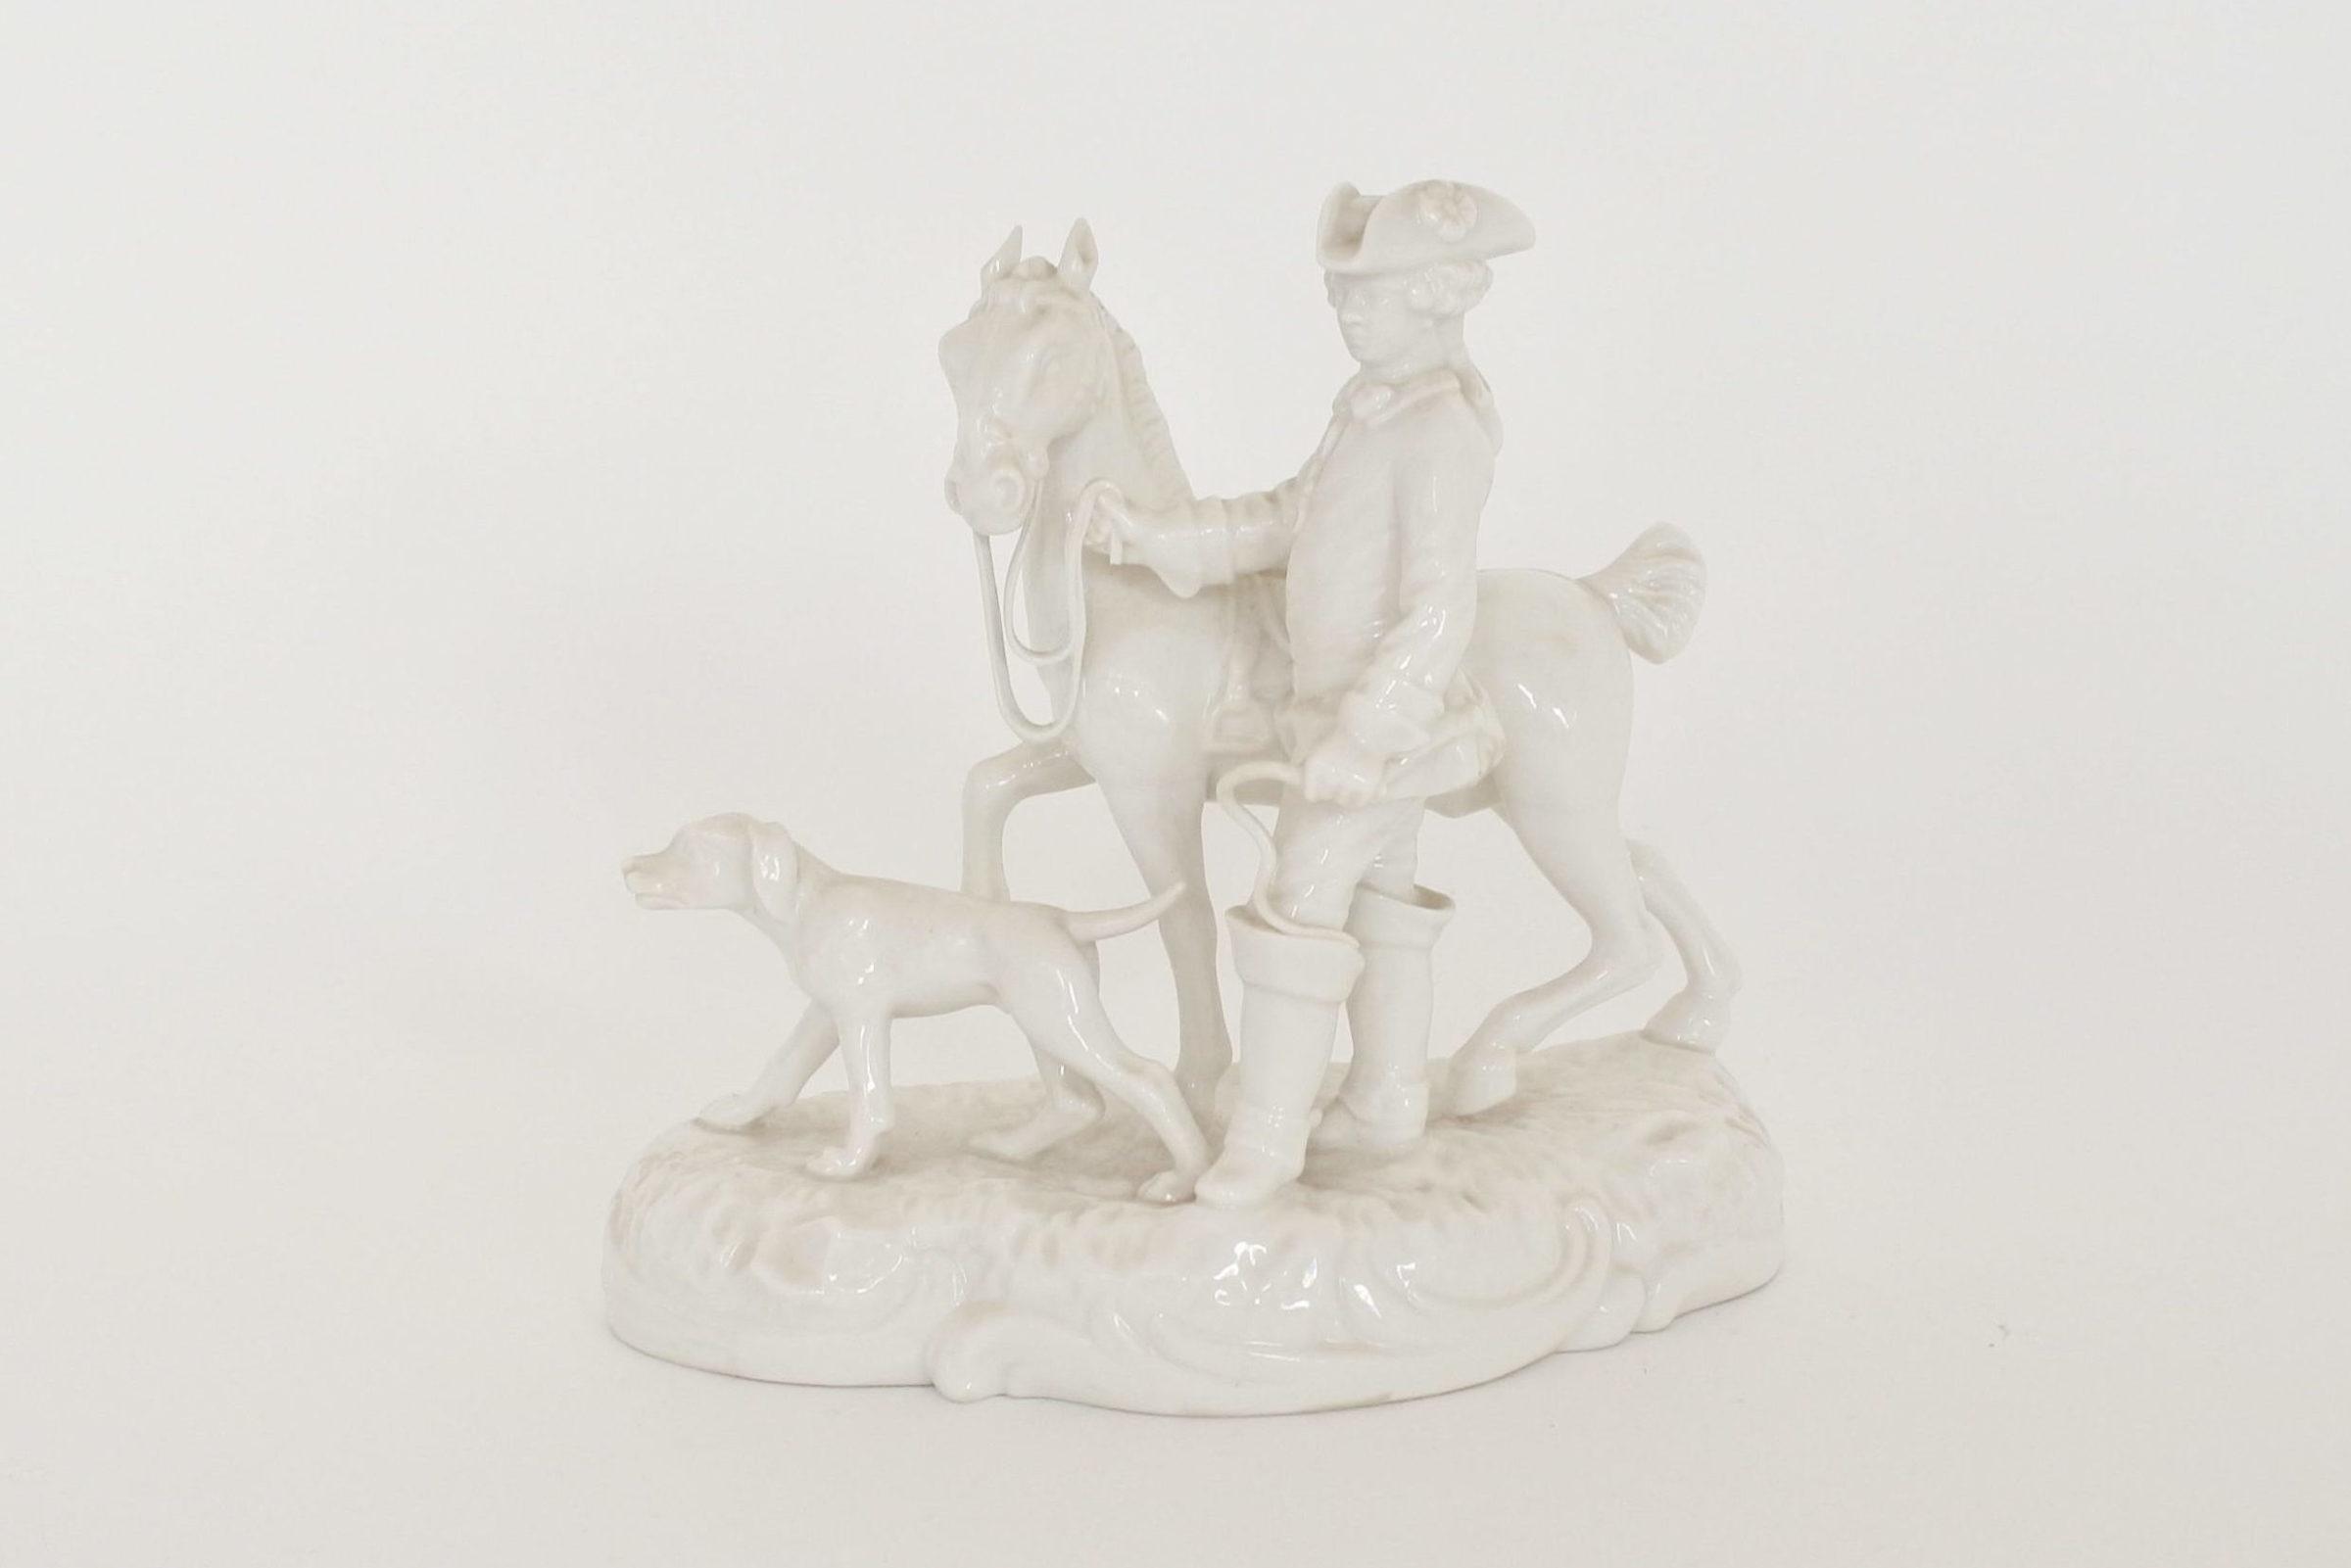 Statuina in porcellana bianca con cavaliere cavallo e cane